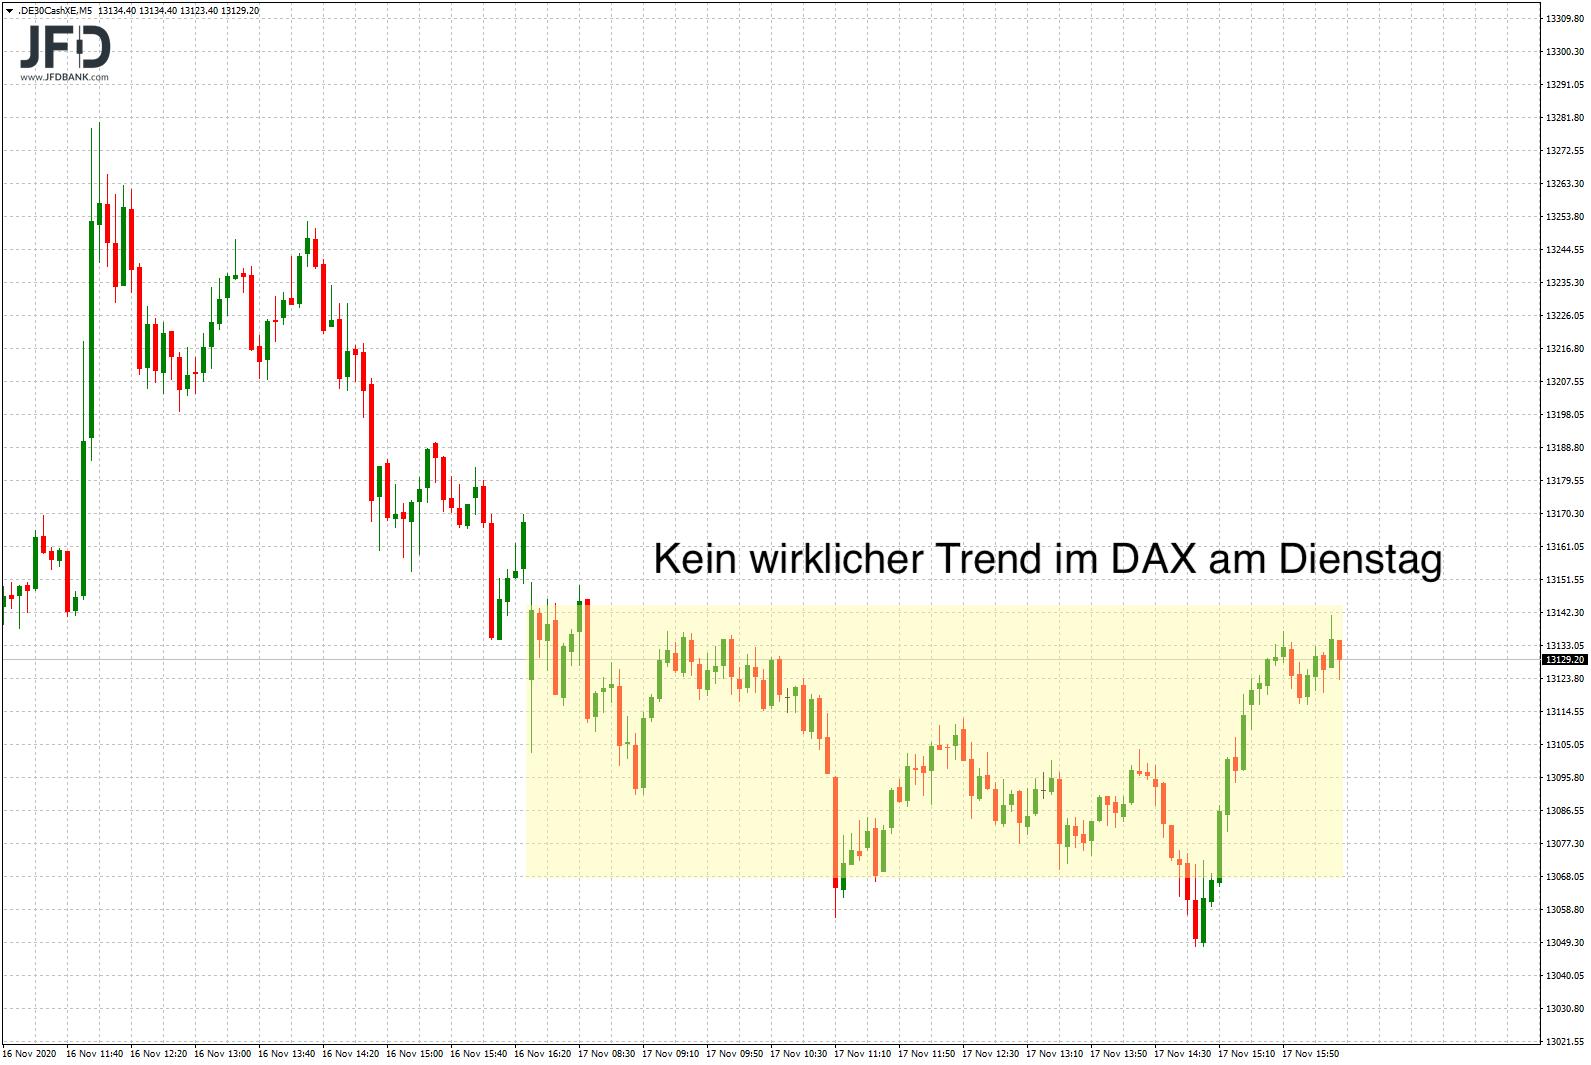 Besinnliche-Börsenphase-5-Wochen-vor-Weihnachten-Kommentar-JFD-Bank-GodmodeTrader.de-3